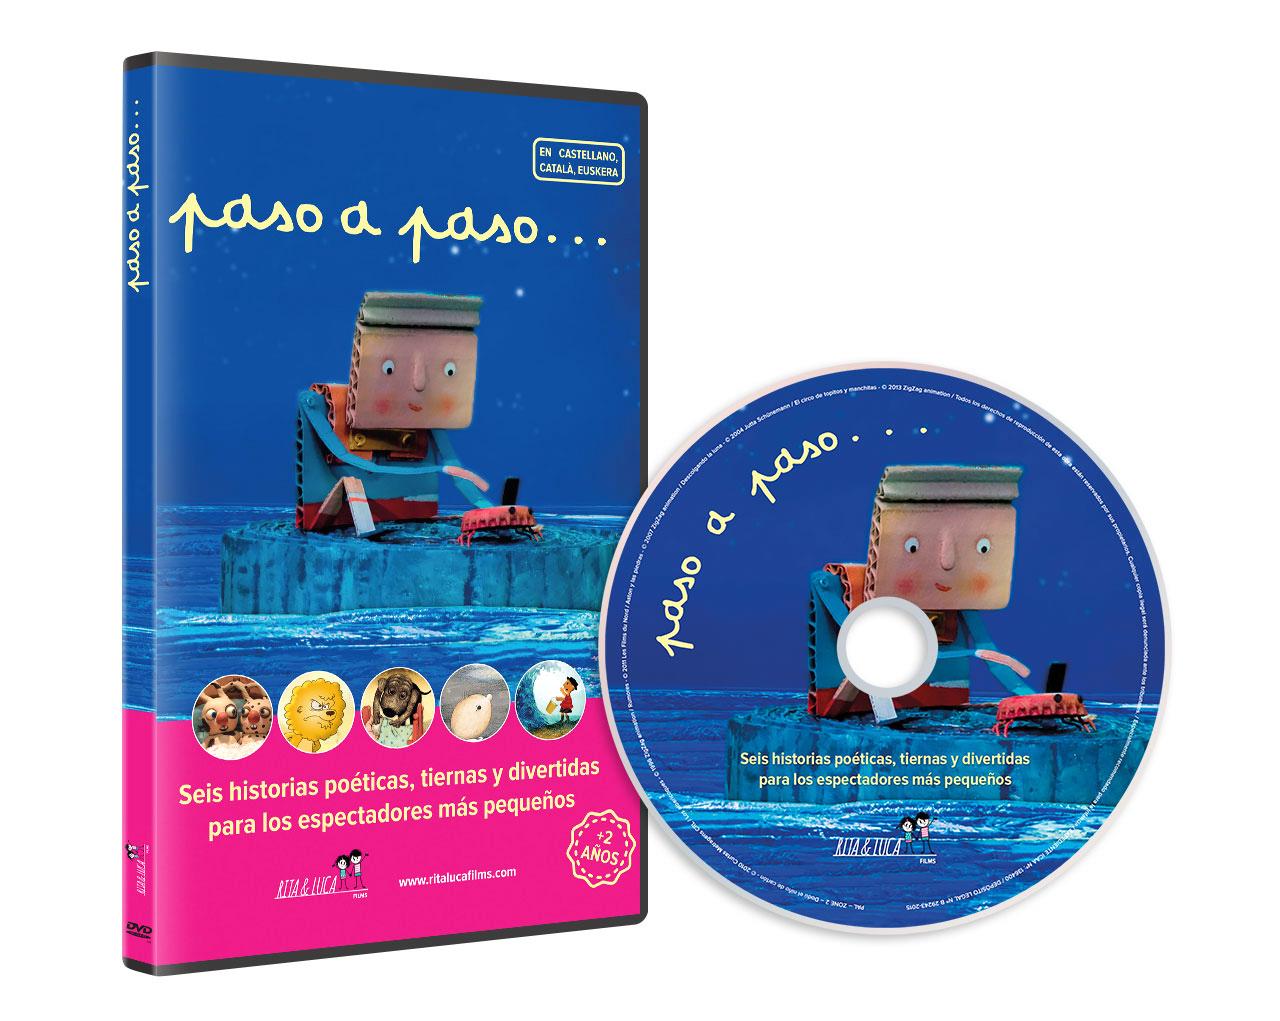 RitaLucaFIlms-paso-a-paso-dvd-